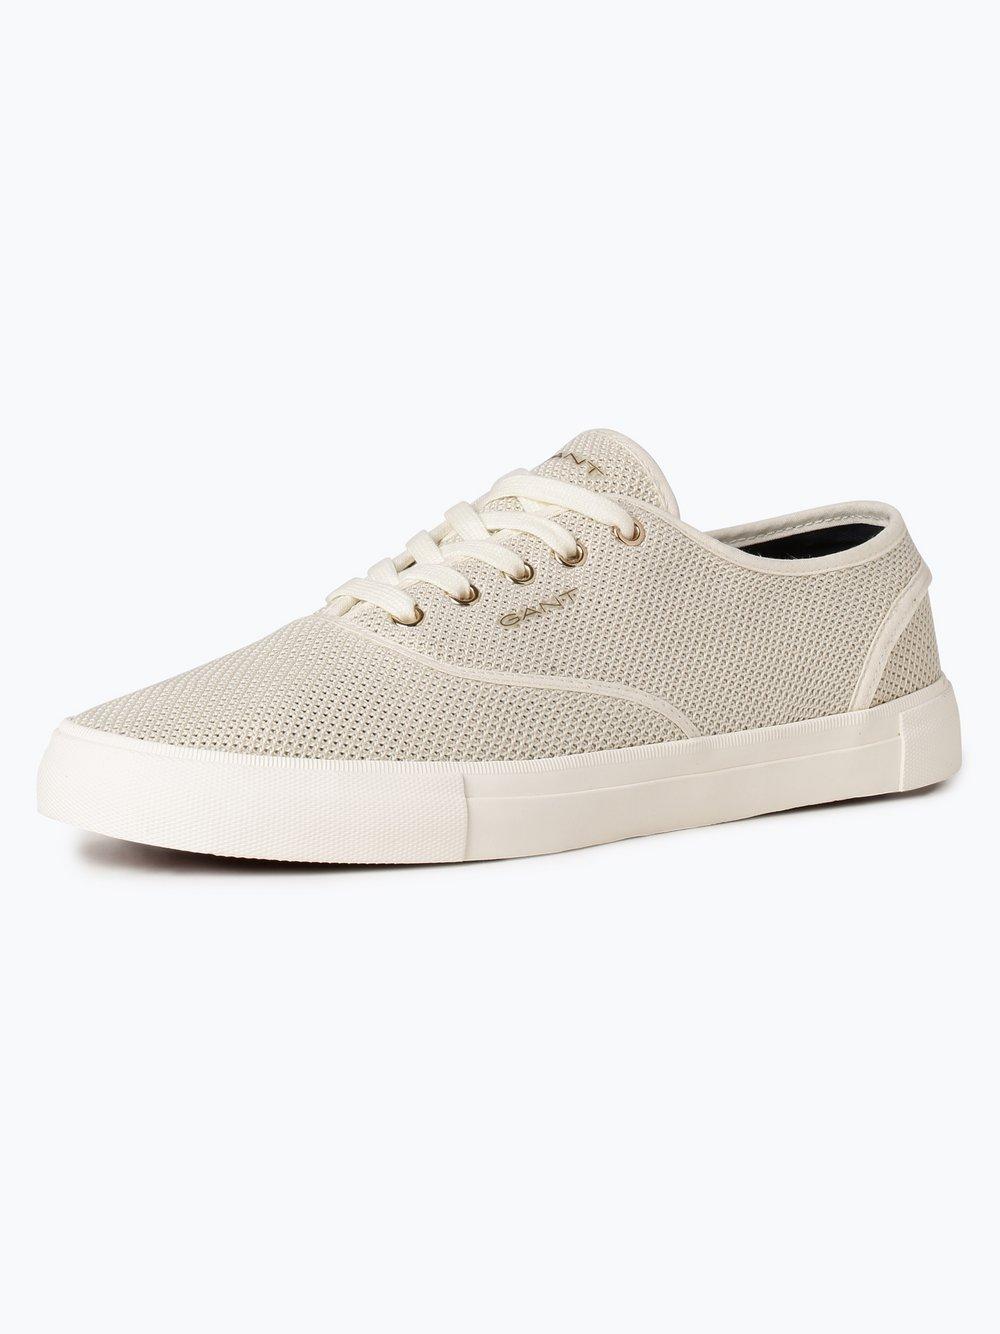 quality design bed4b a1fec Gant Herren Sneaker mit Leder-Anteil - Hero online kaufen ...